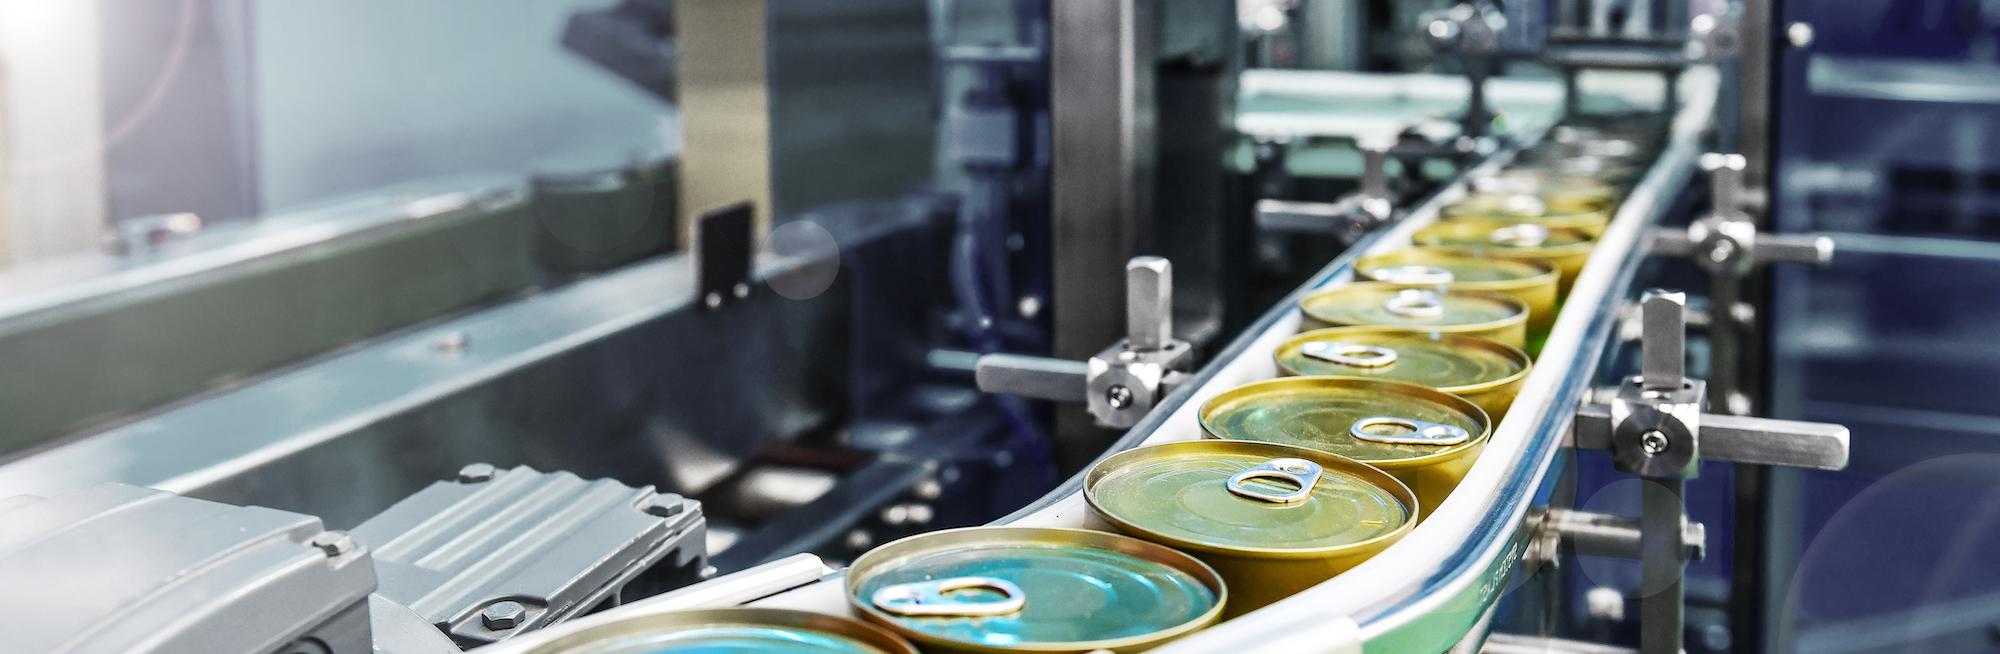 Qualitätskontrolle für Lebensmittel mit MEKI Röntgensystemen